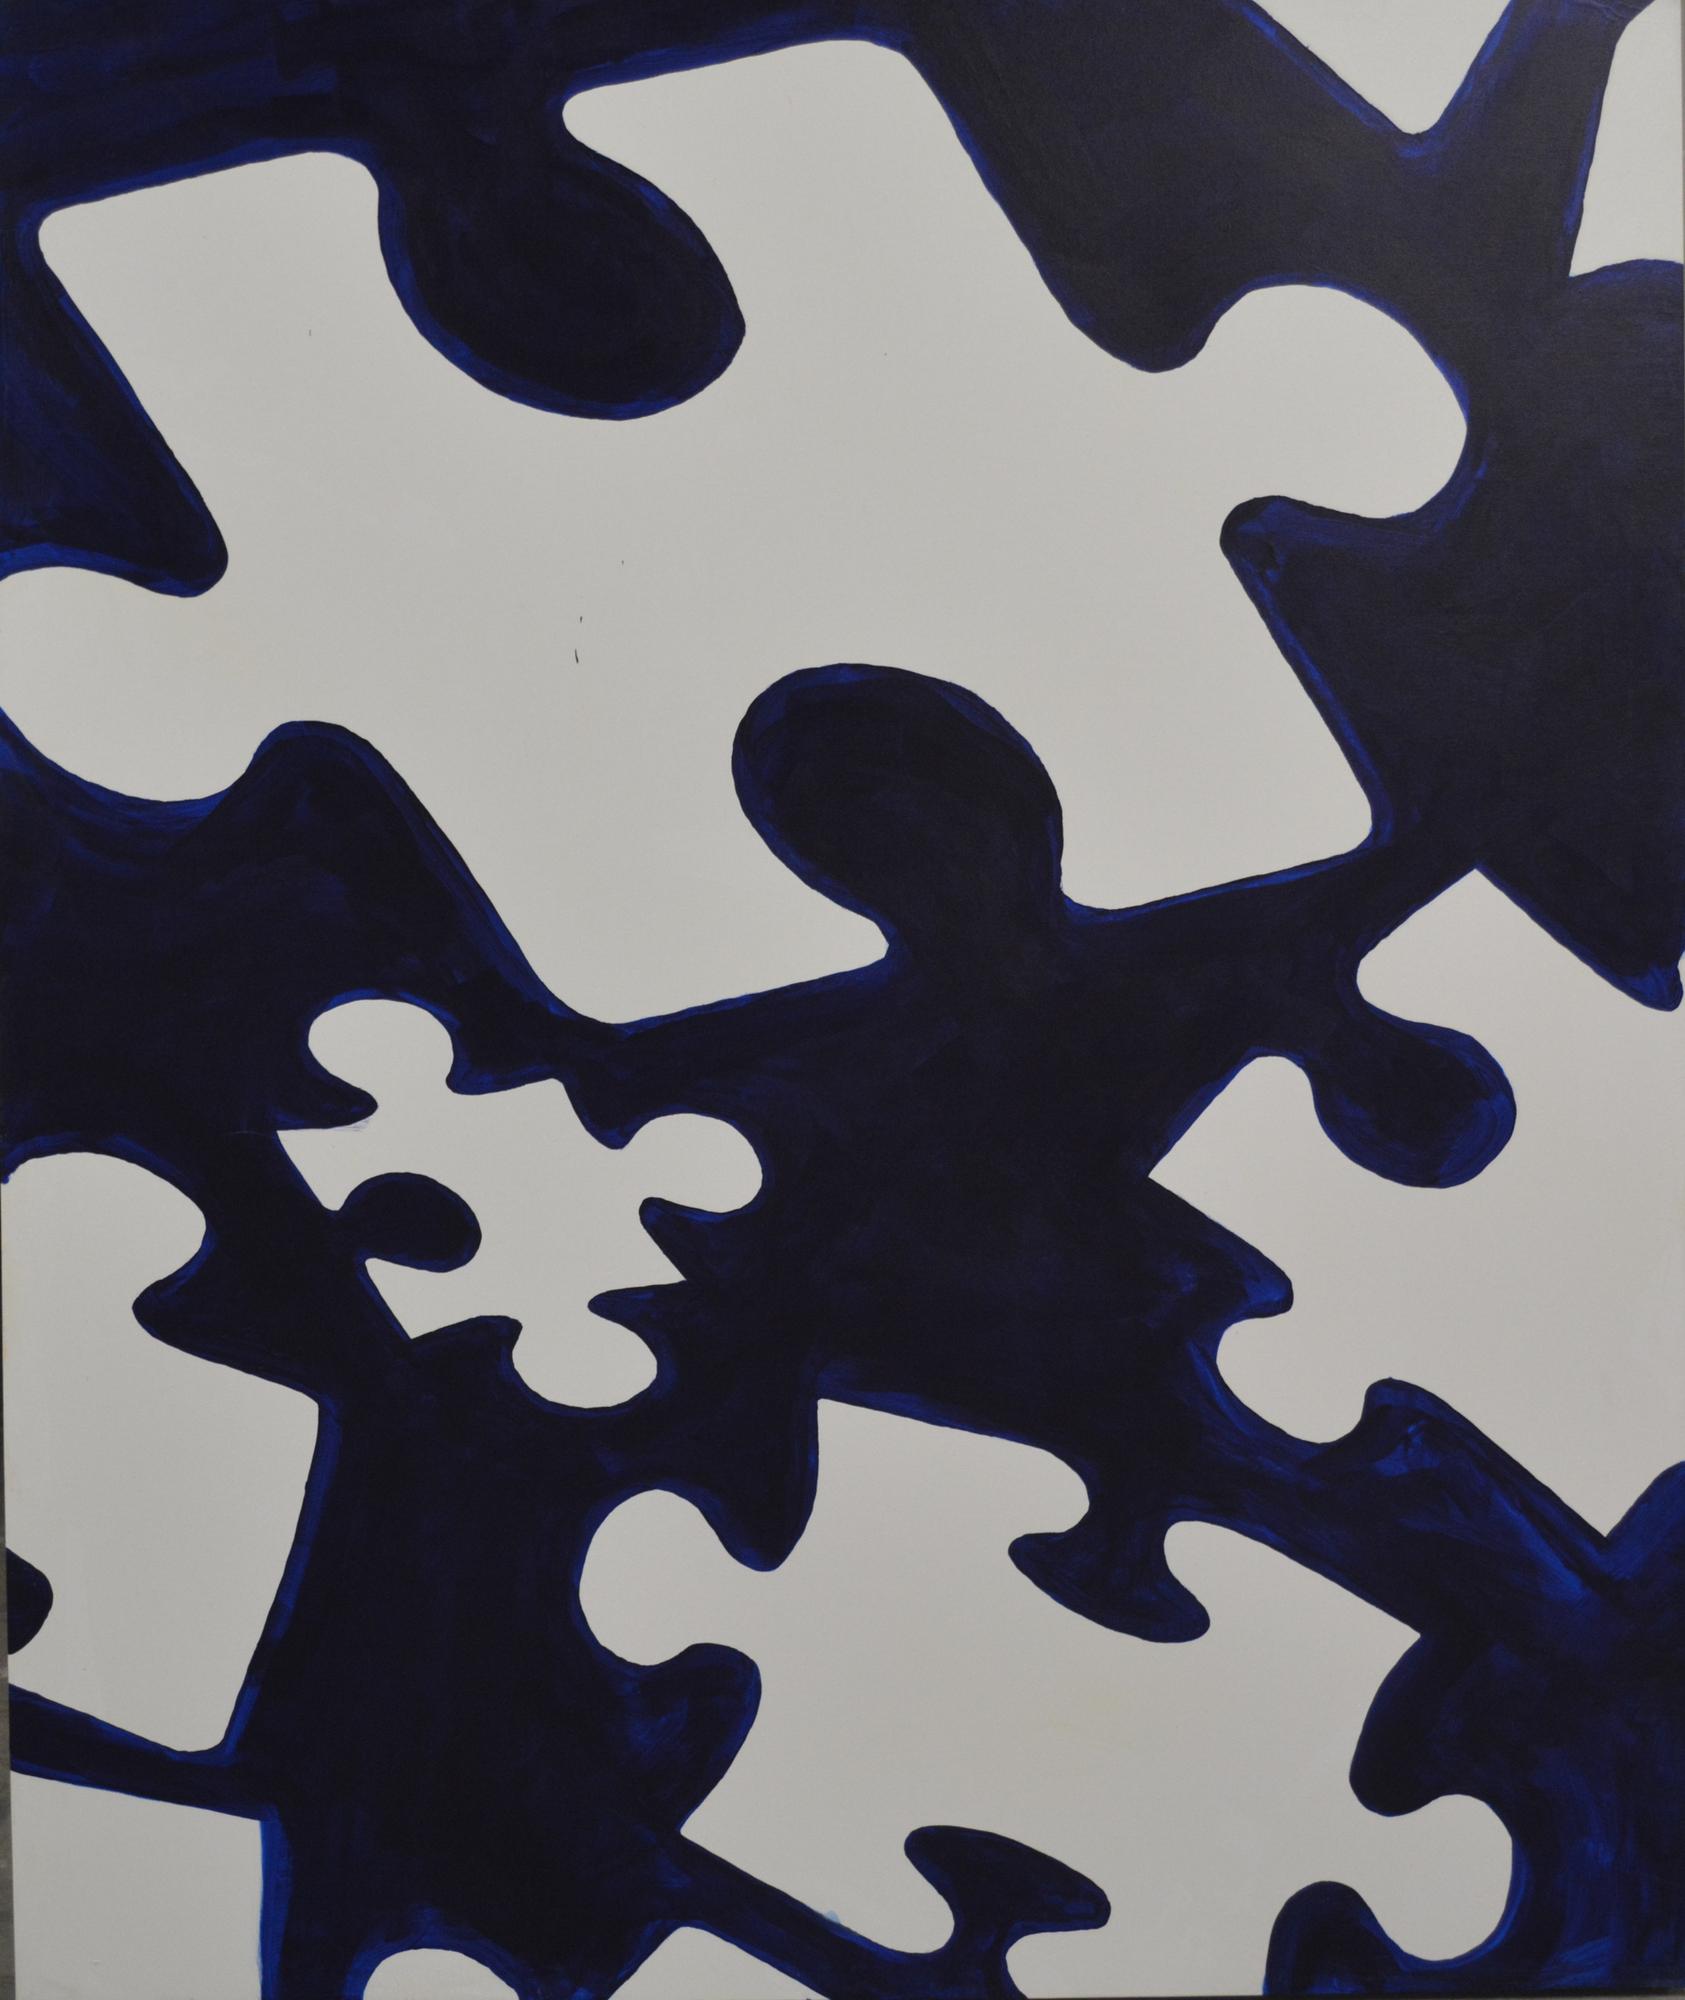 puzzle-paint-14-2.jpg